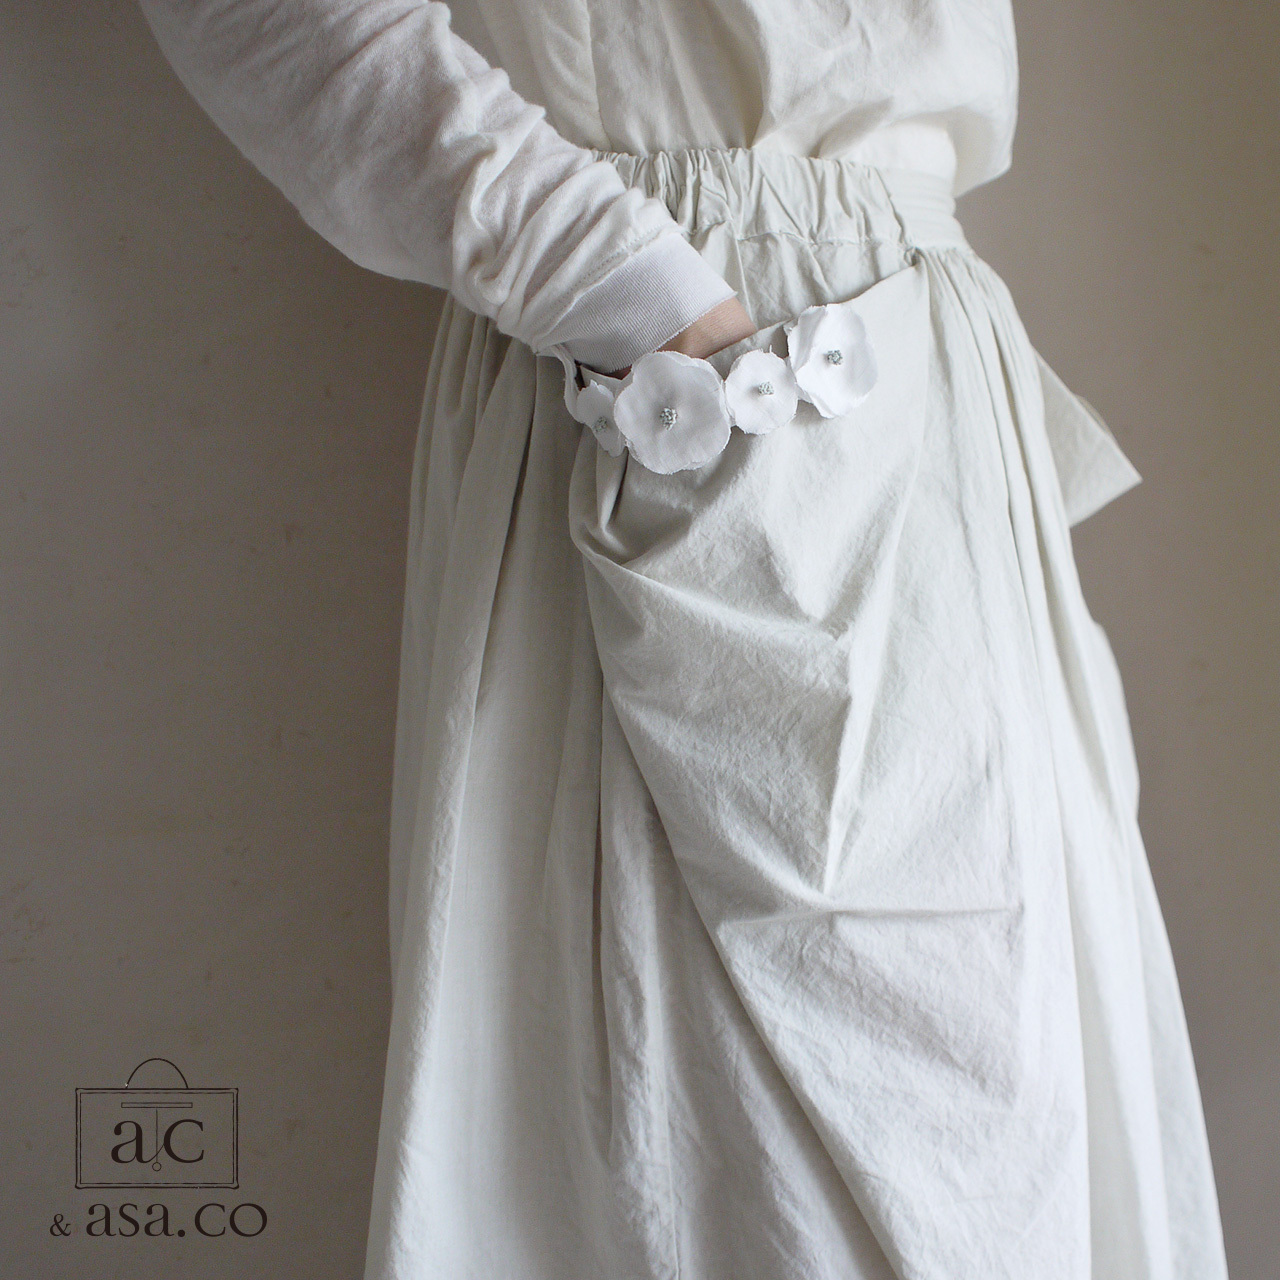 麻の襟元ブローチ 〈 Romantic 〉White